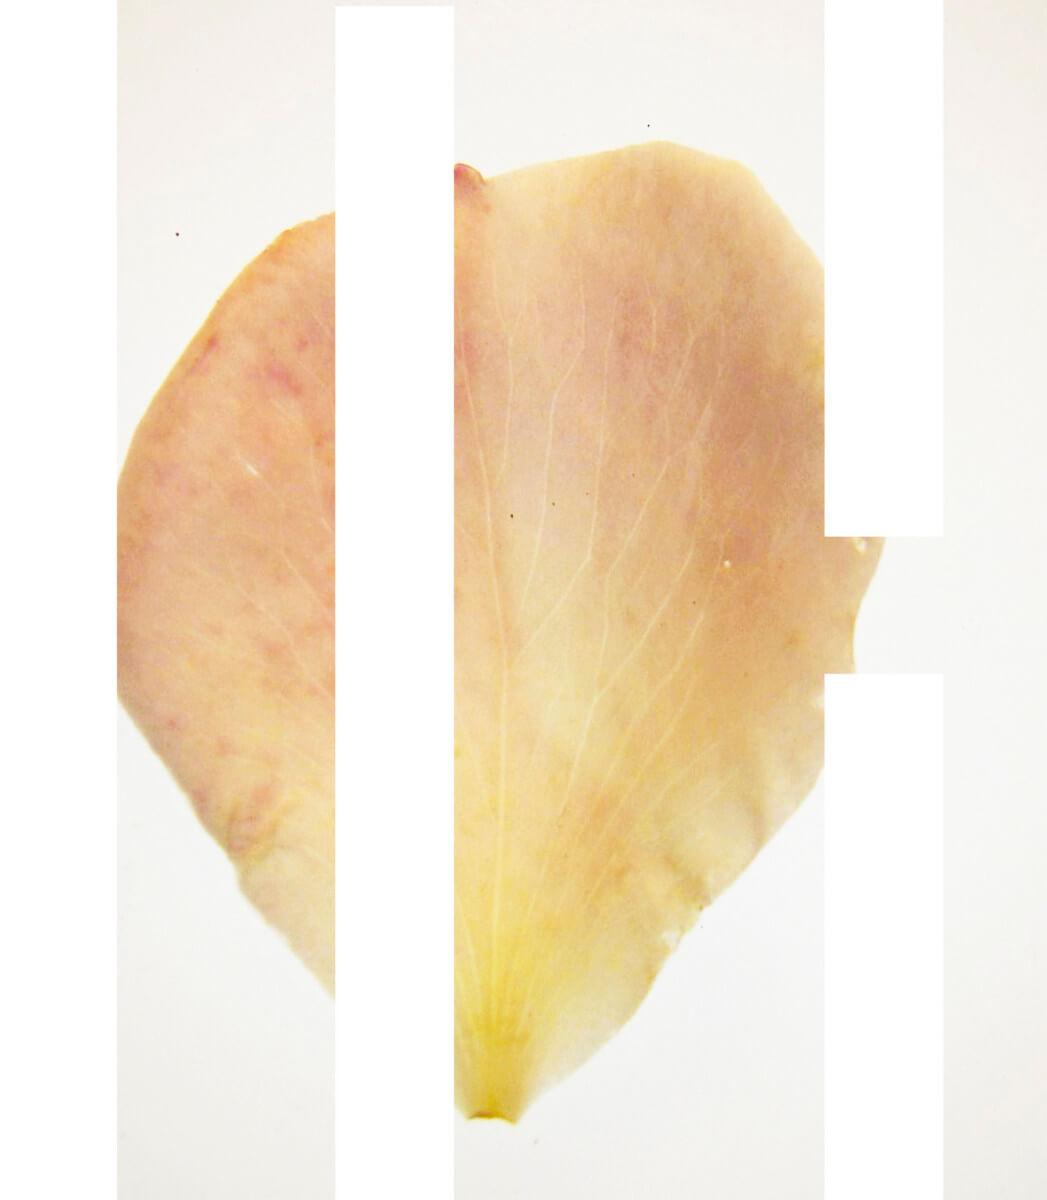 rachela abbate Rosa_2_herbarium_Rachela-Abbate herbarium